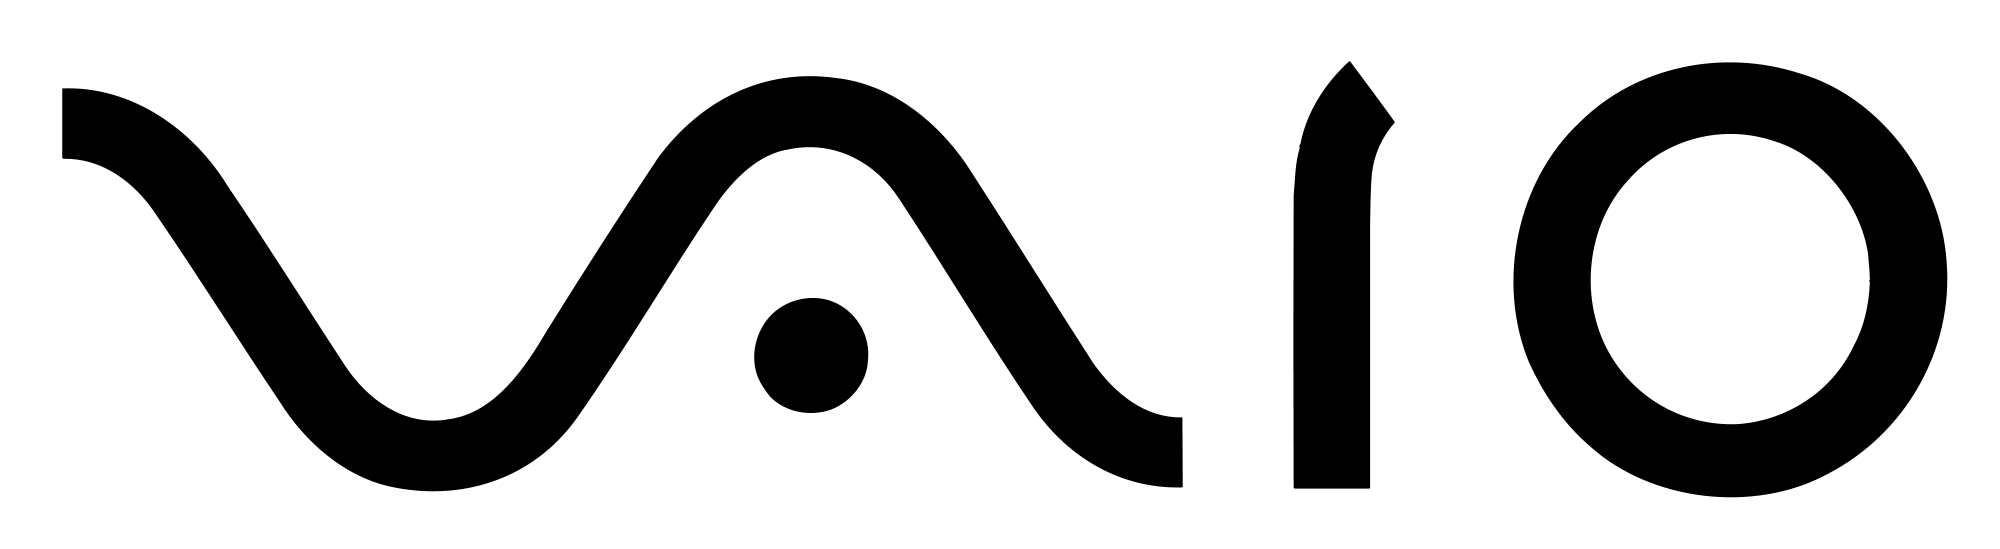 Einkennismerki Sony Vaio fartölvanna samanstendur af rafmagnsbylgju og tölustöfunum 1 og 0, til að merkja stafræna miðlun.